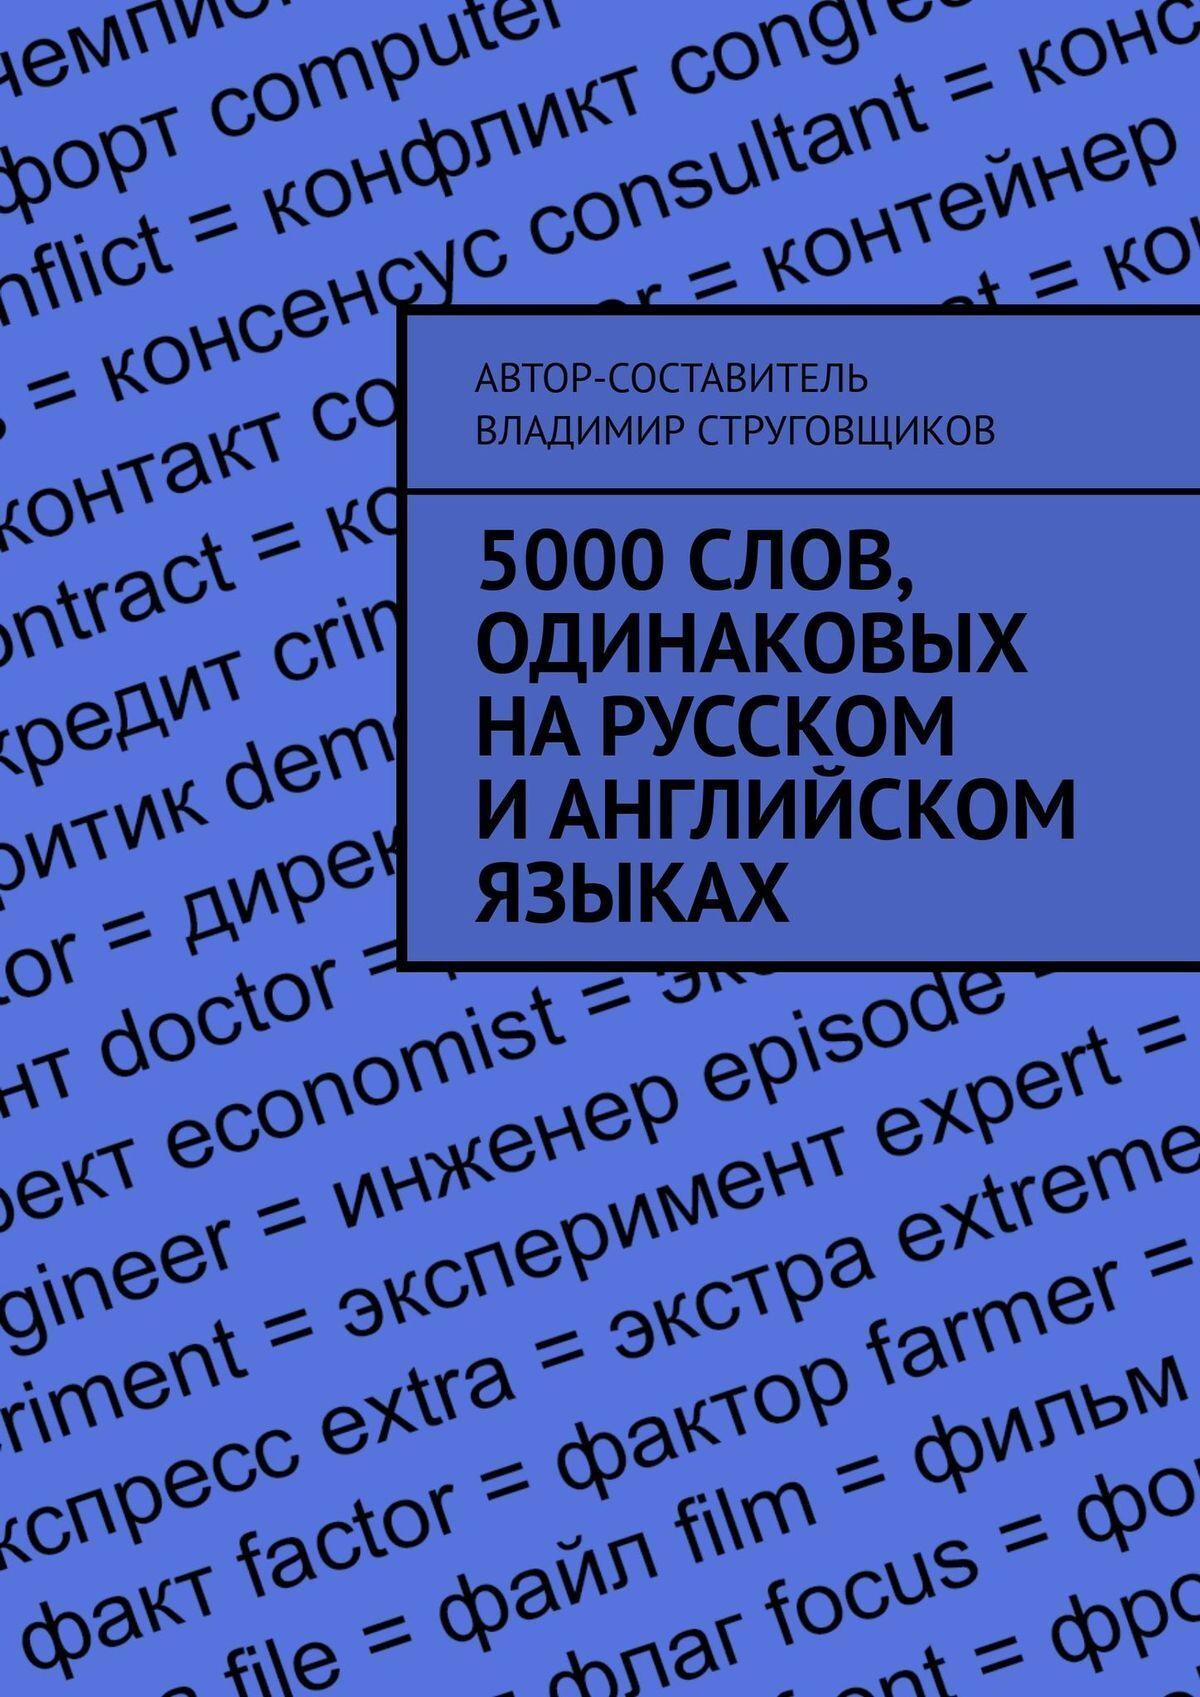 5000слов, одинаковых нарусском ианглийском языках